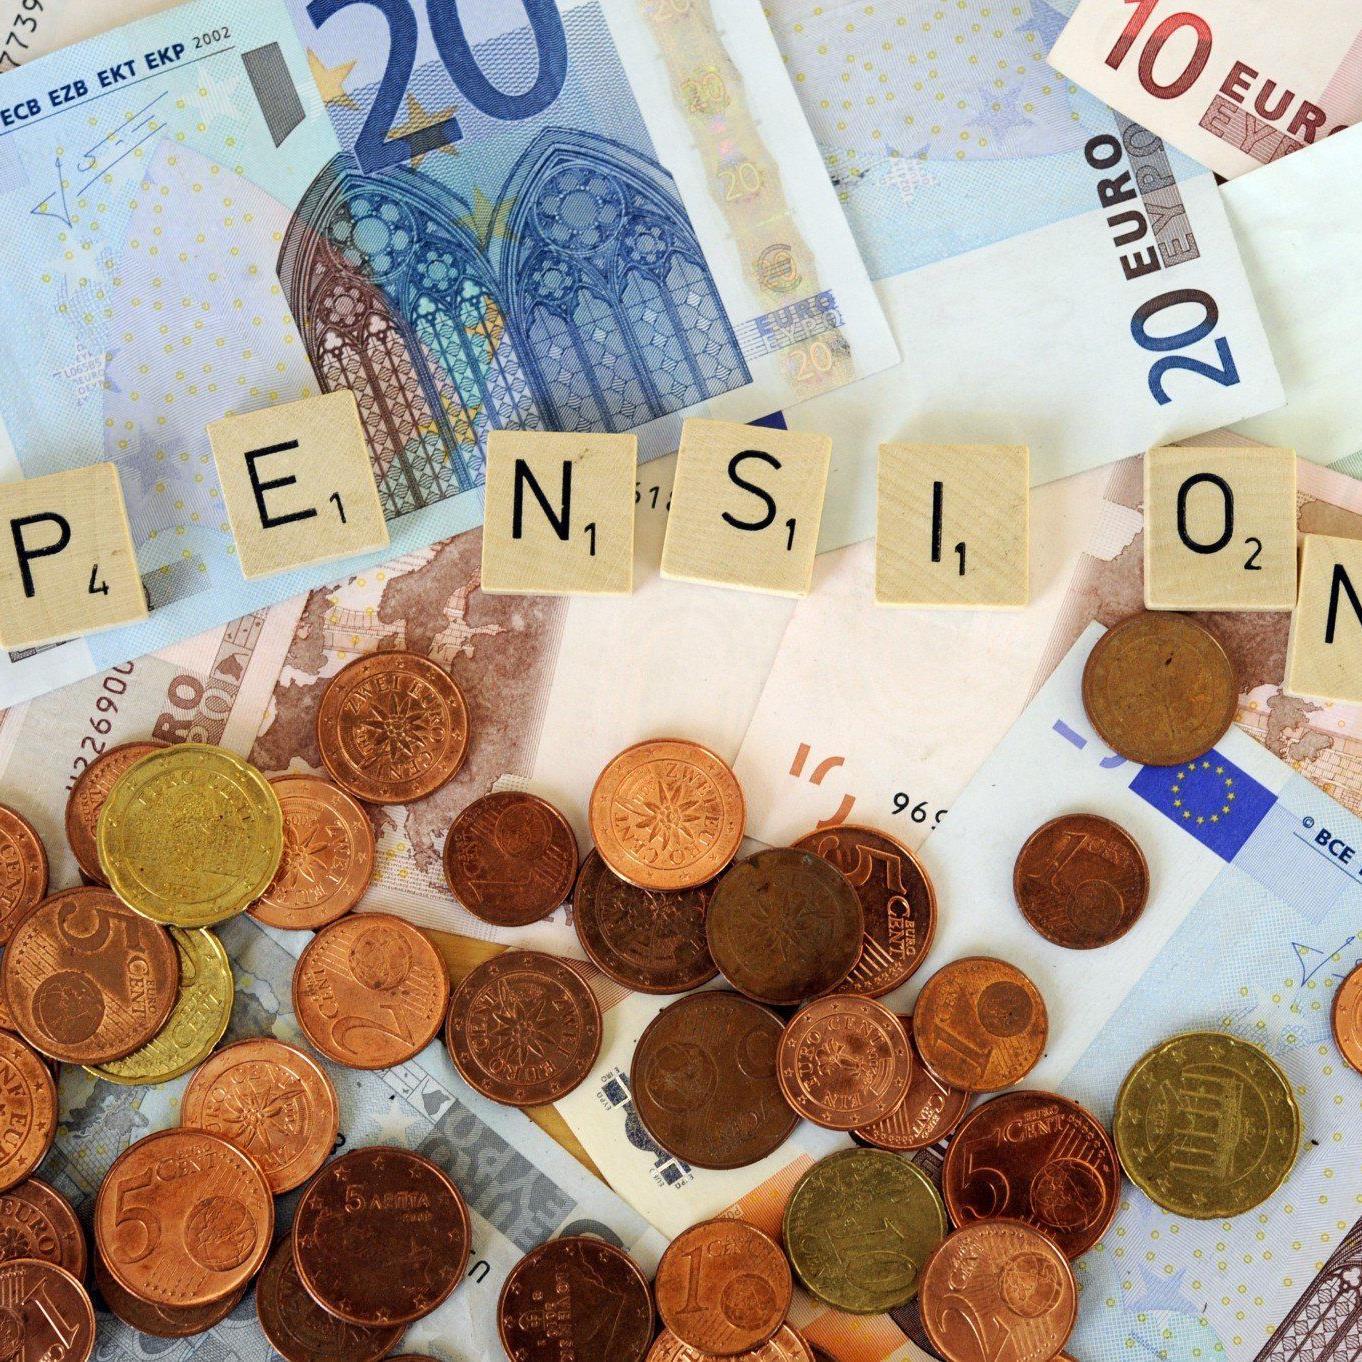 Sonderpensionen: Regelung gilt für Neuzusagen